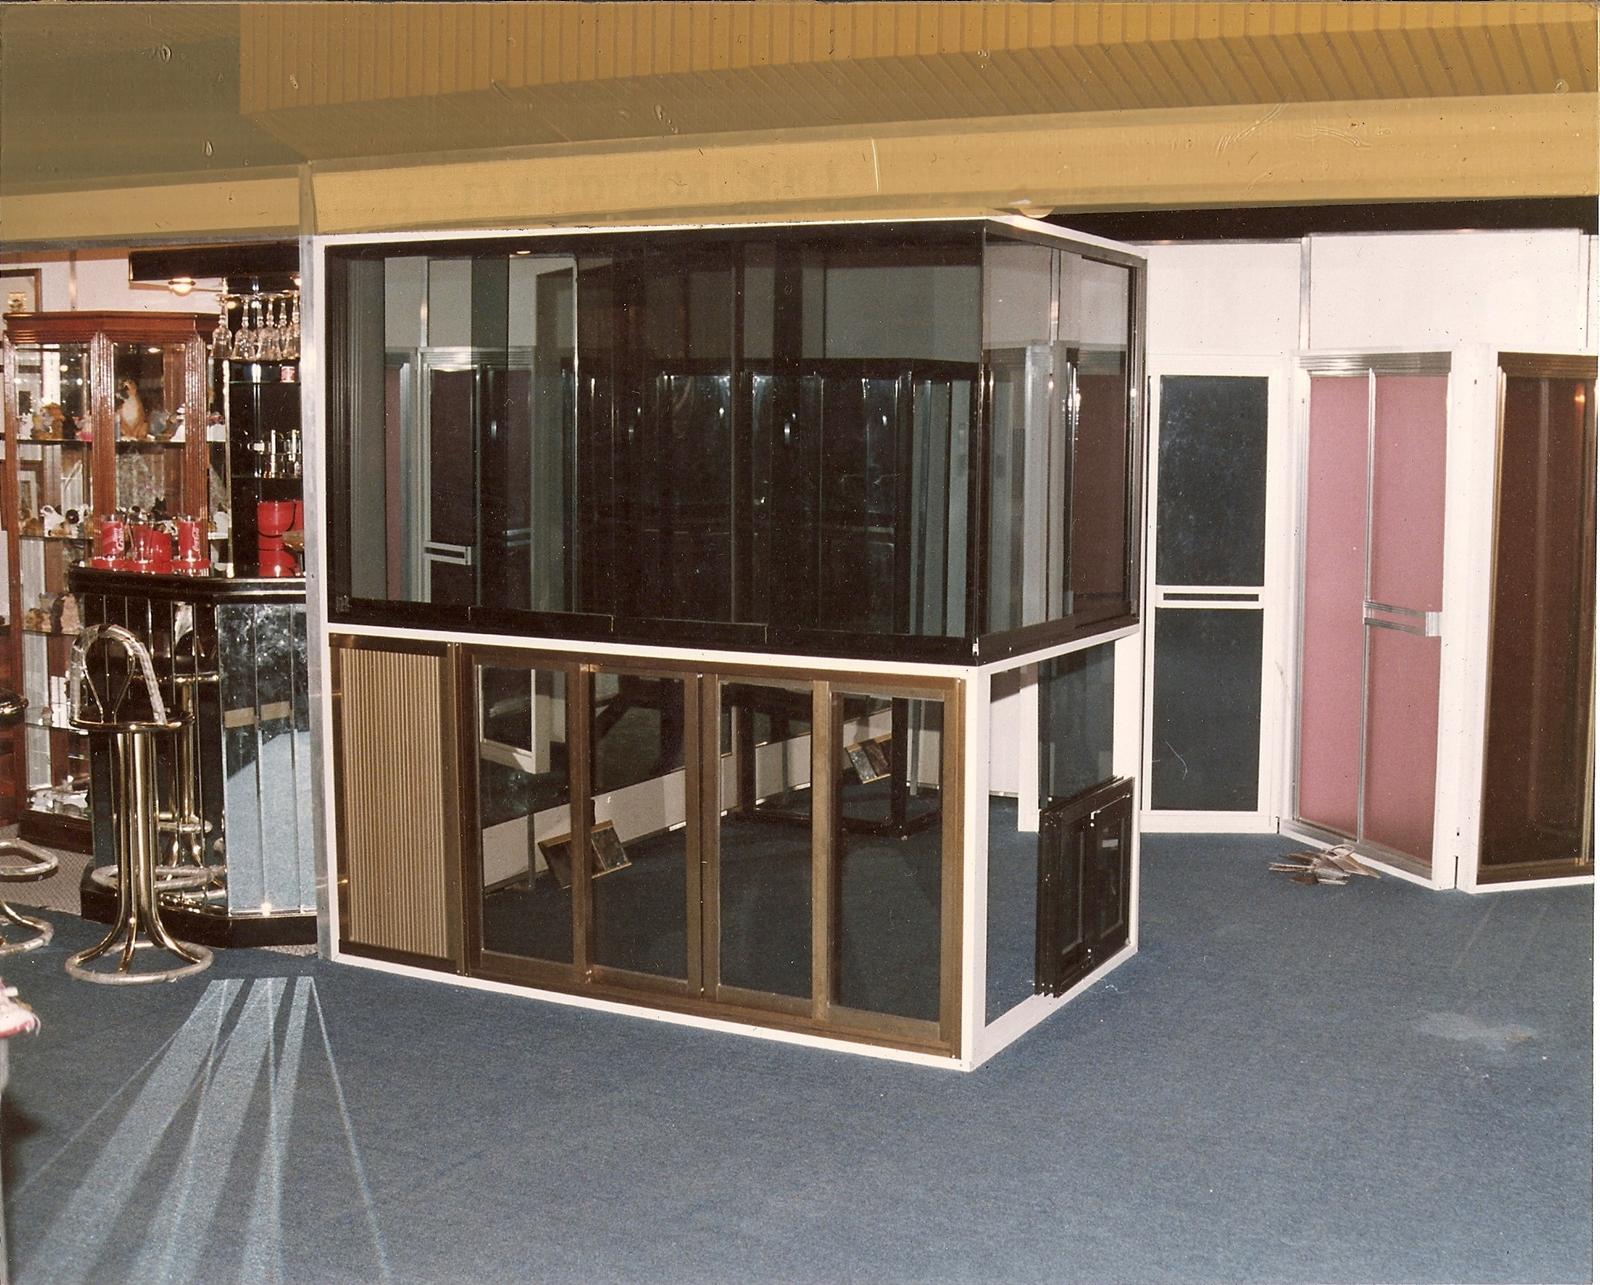 Puertas De Baño Plegables:Download puertas de baño, plegables, persianas y mosquiteros